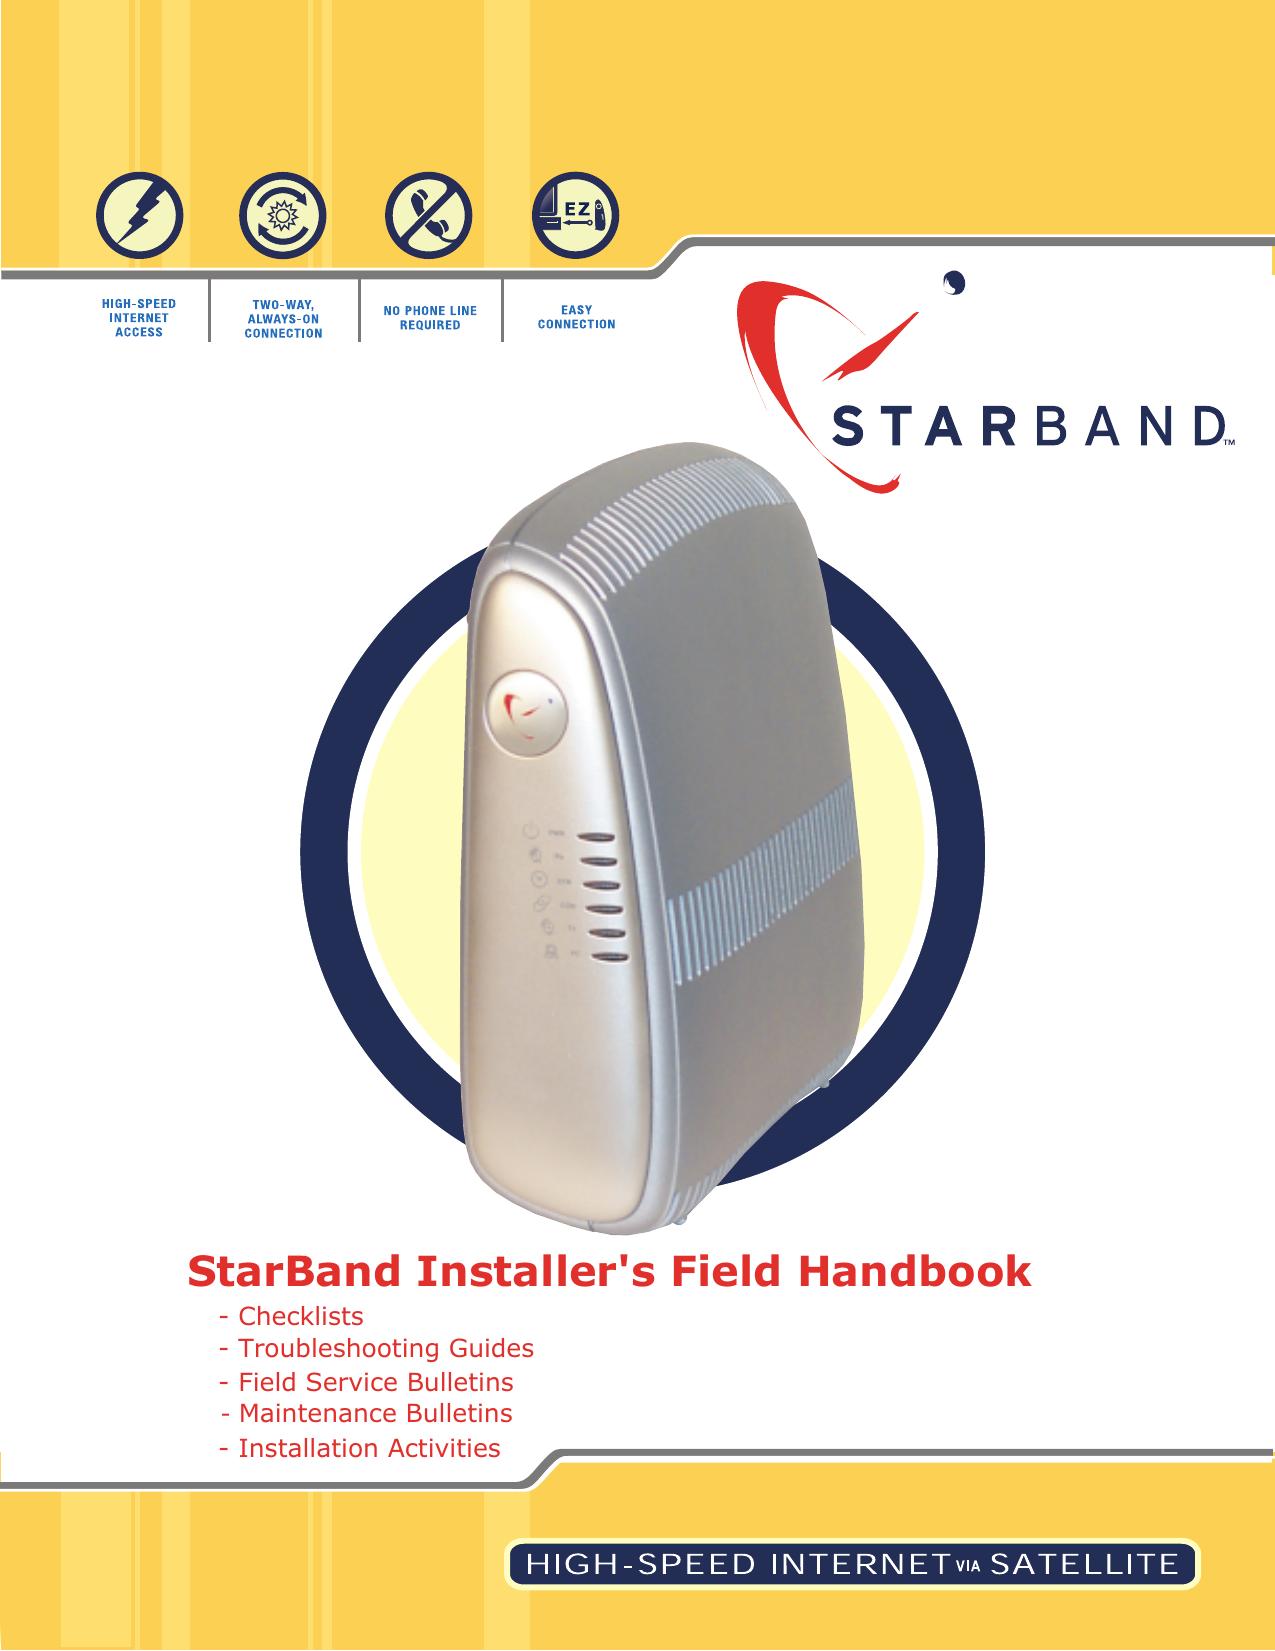 Installer Handbook | manualzz com